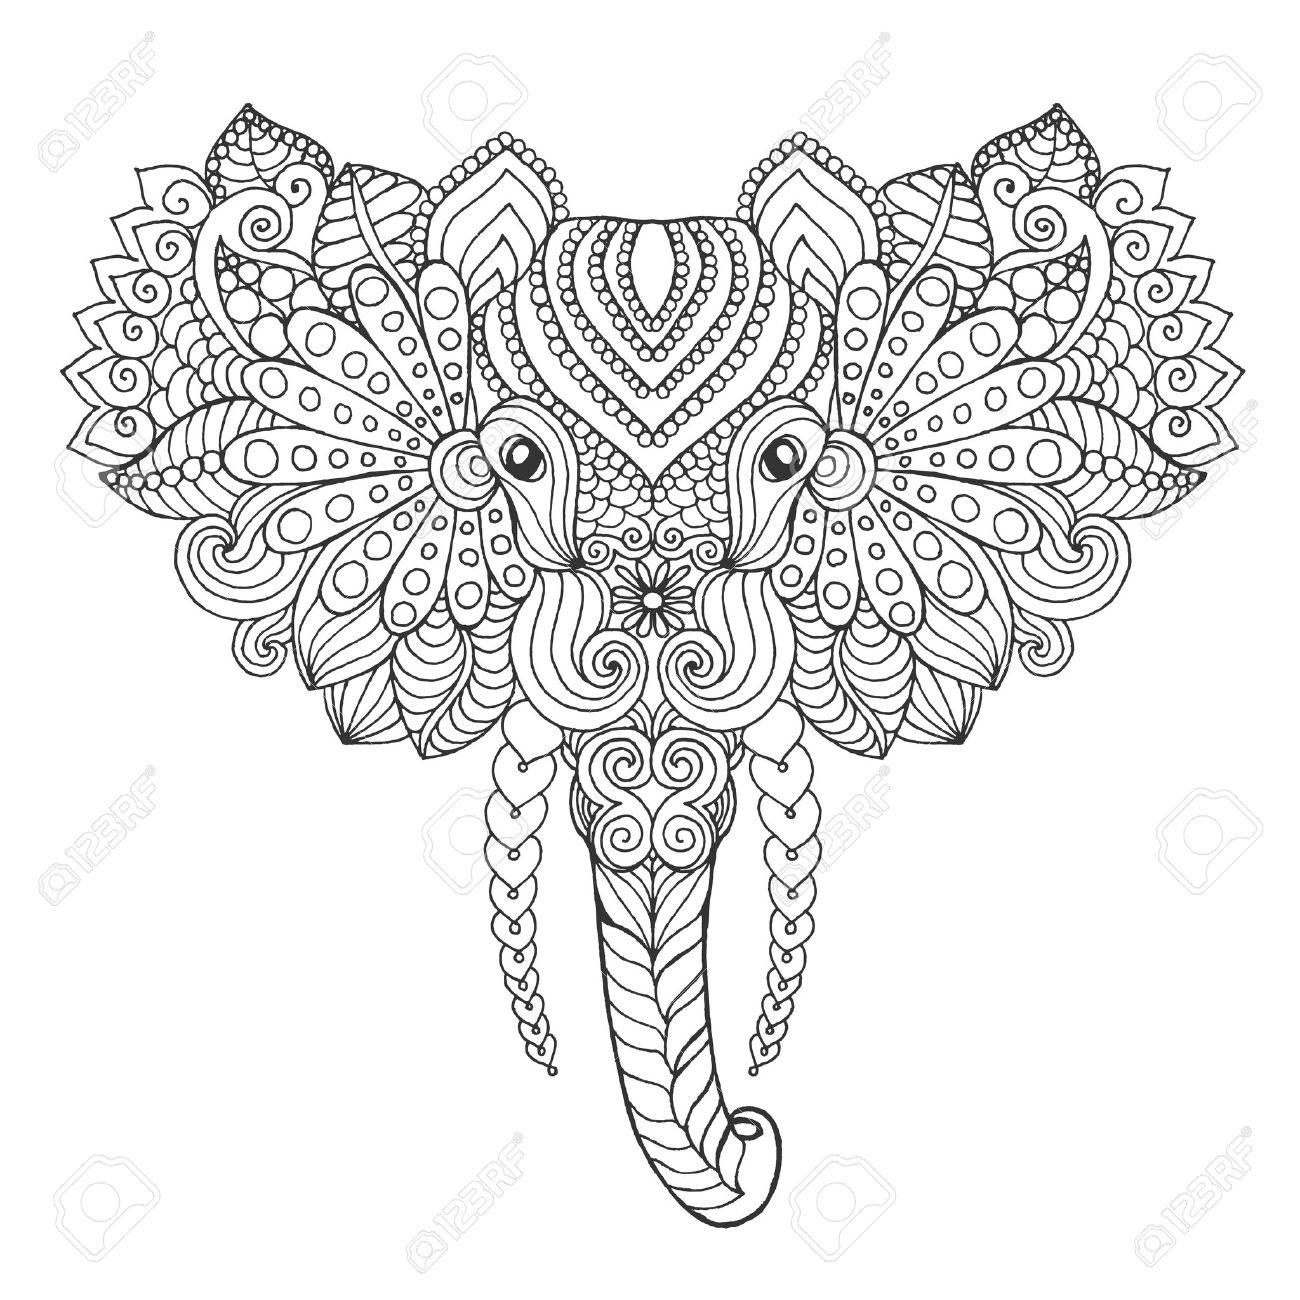 Coloriage Elephant Pour Adulte.Tete D Elephant Adulte Page A Colorier Antistress Main Blanche